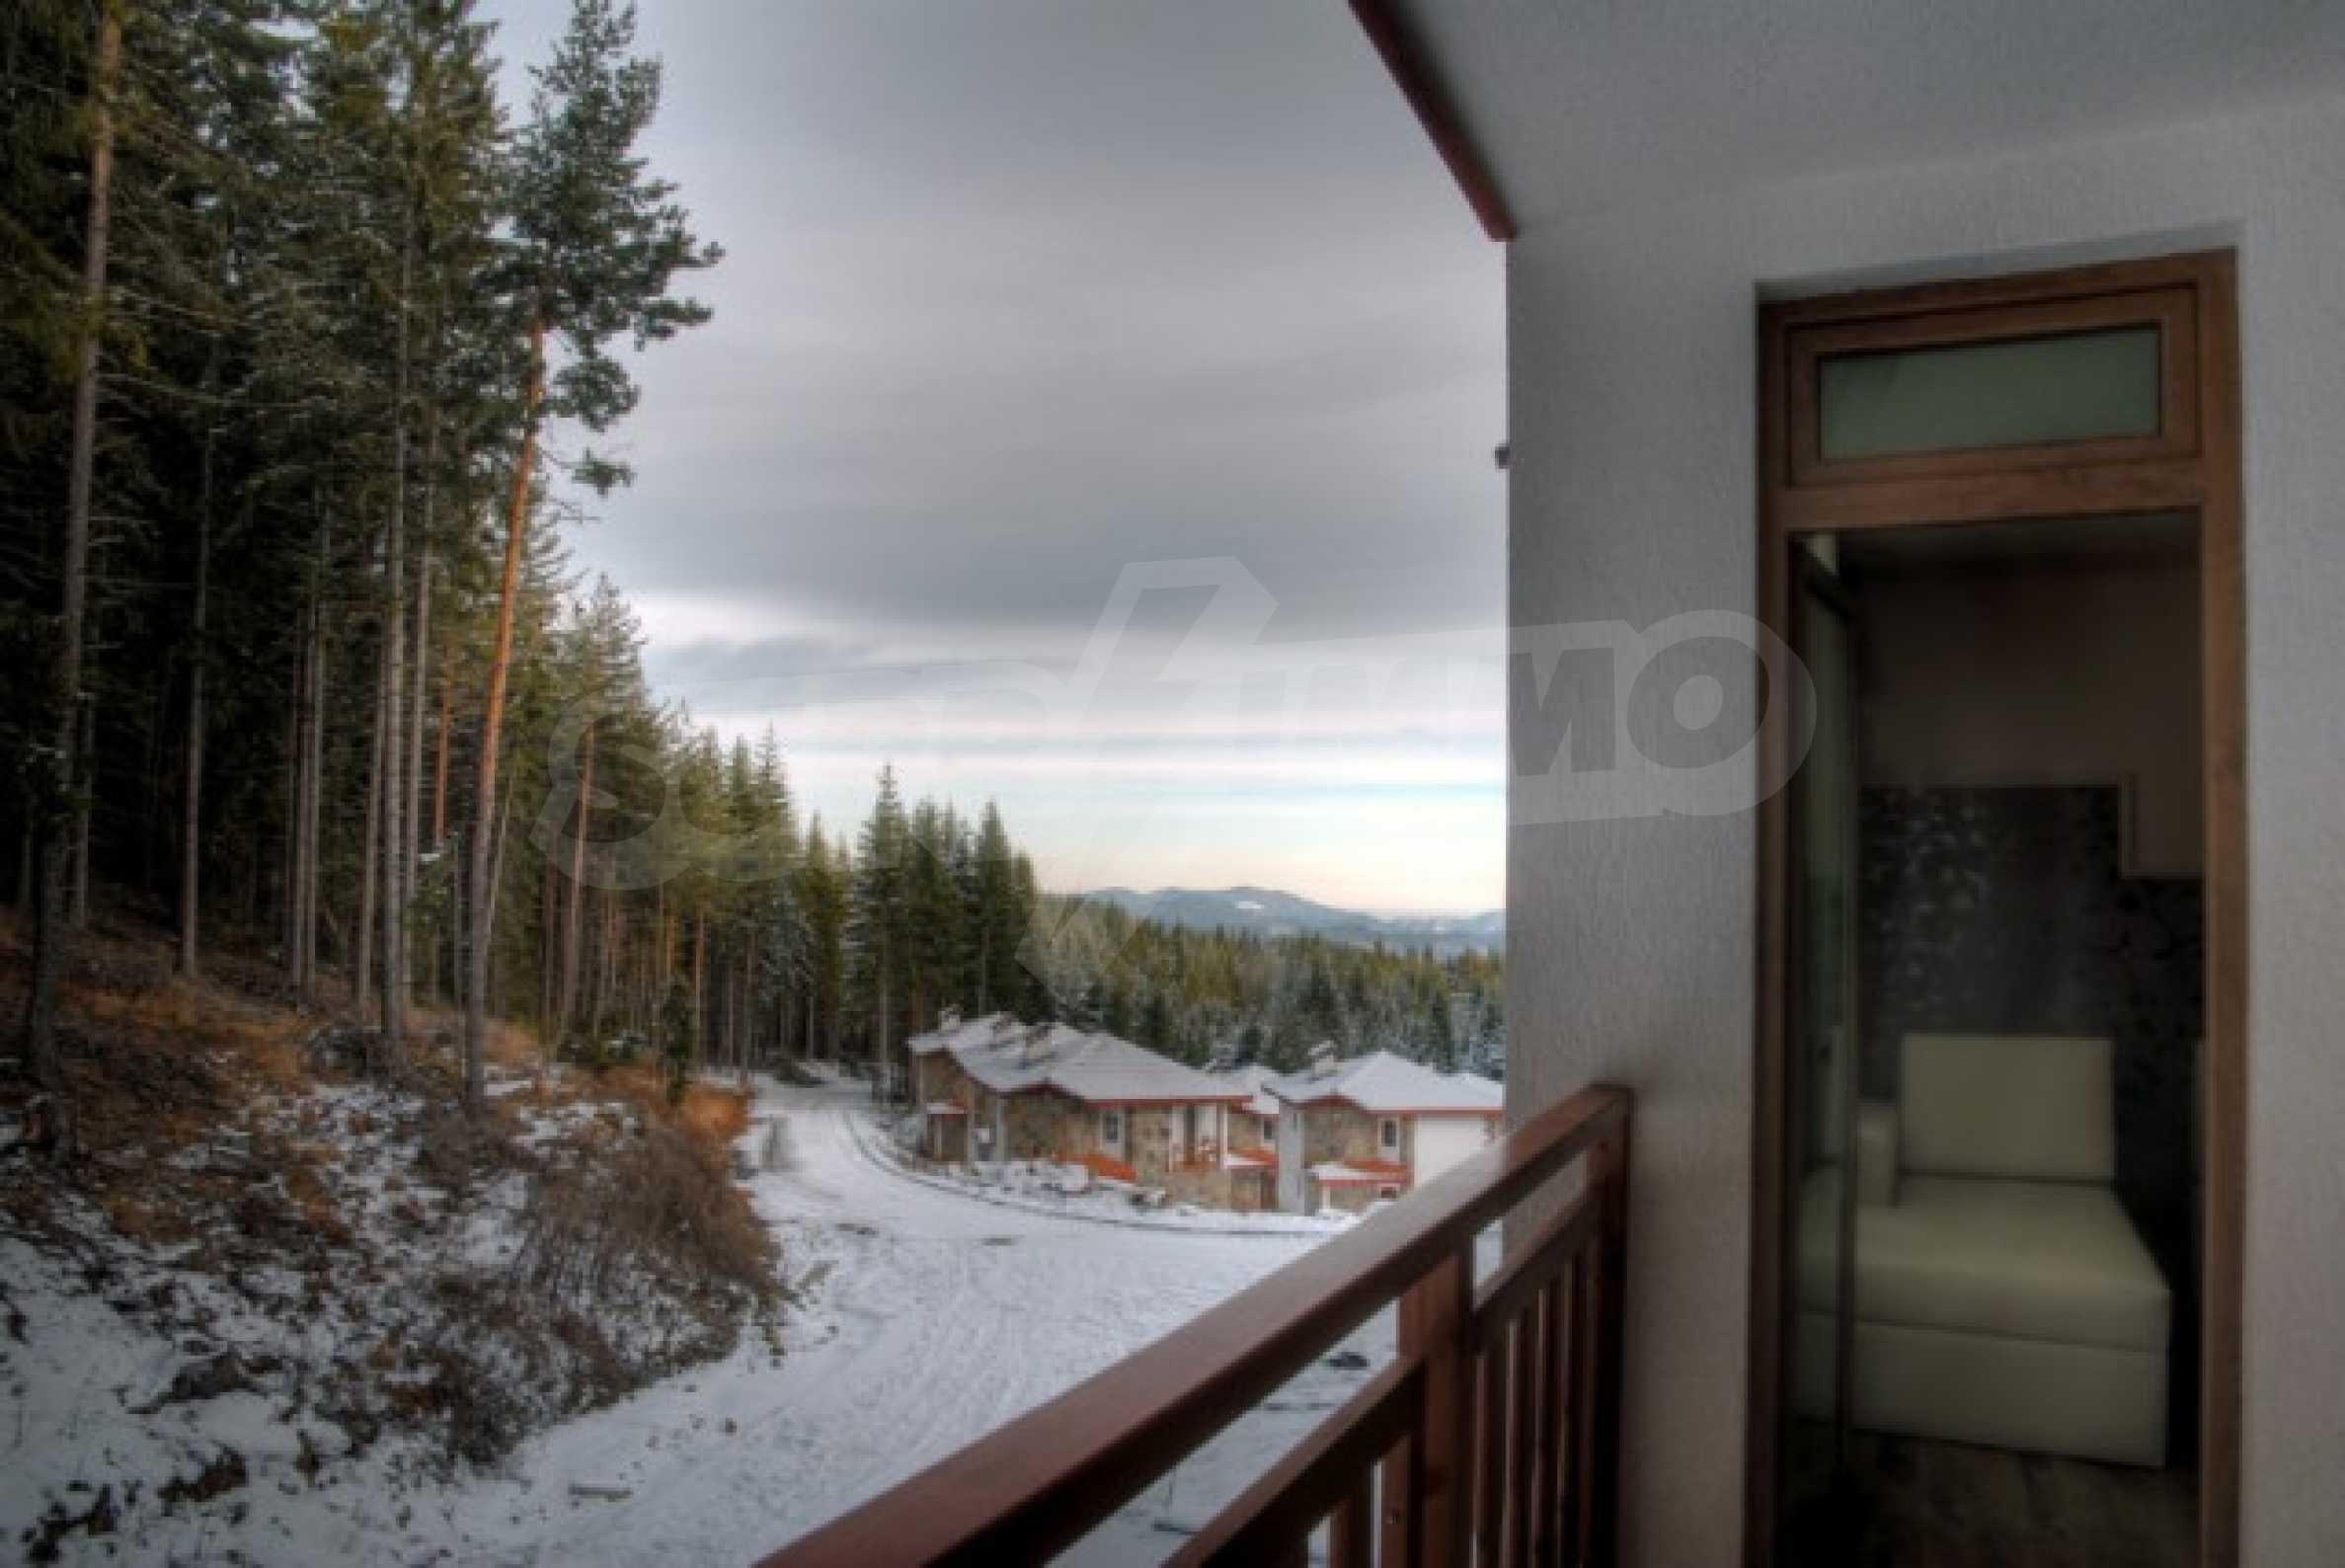 Апартаменти на атрактивни цени в планински ваканционен комплекс в Пампорово 21